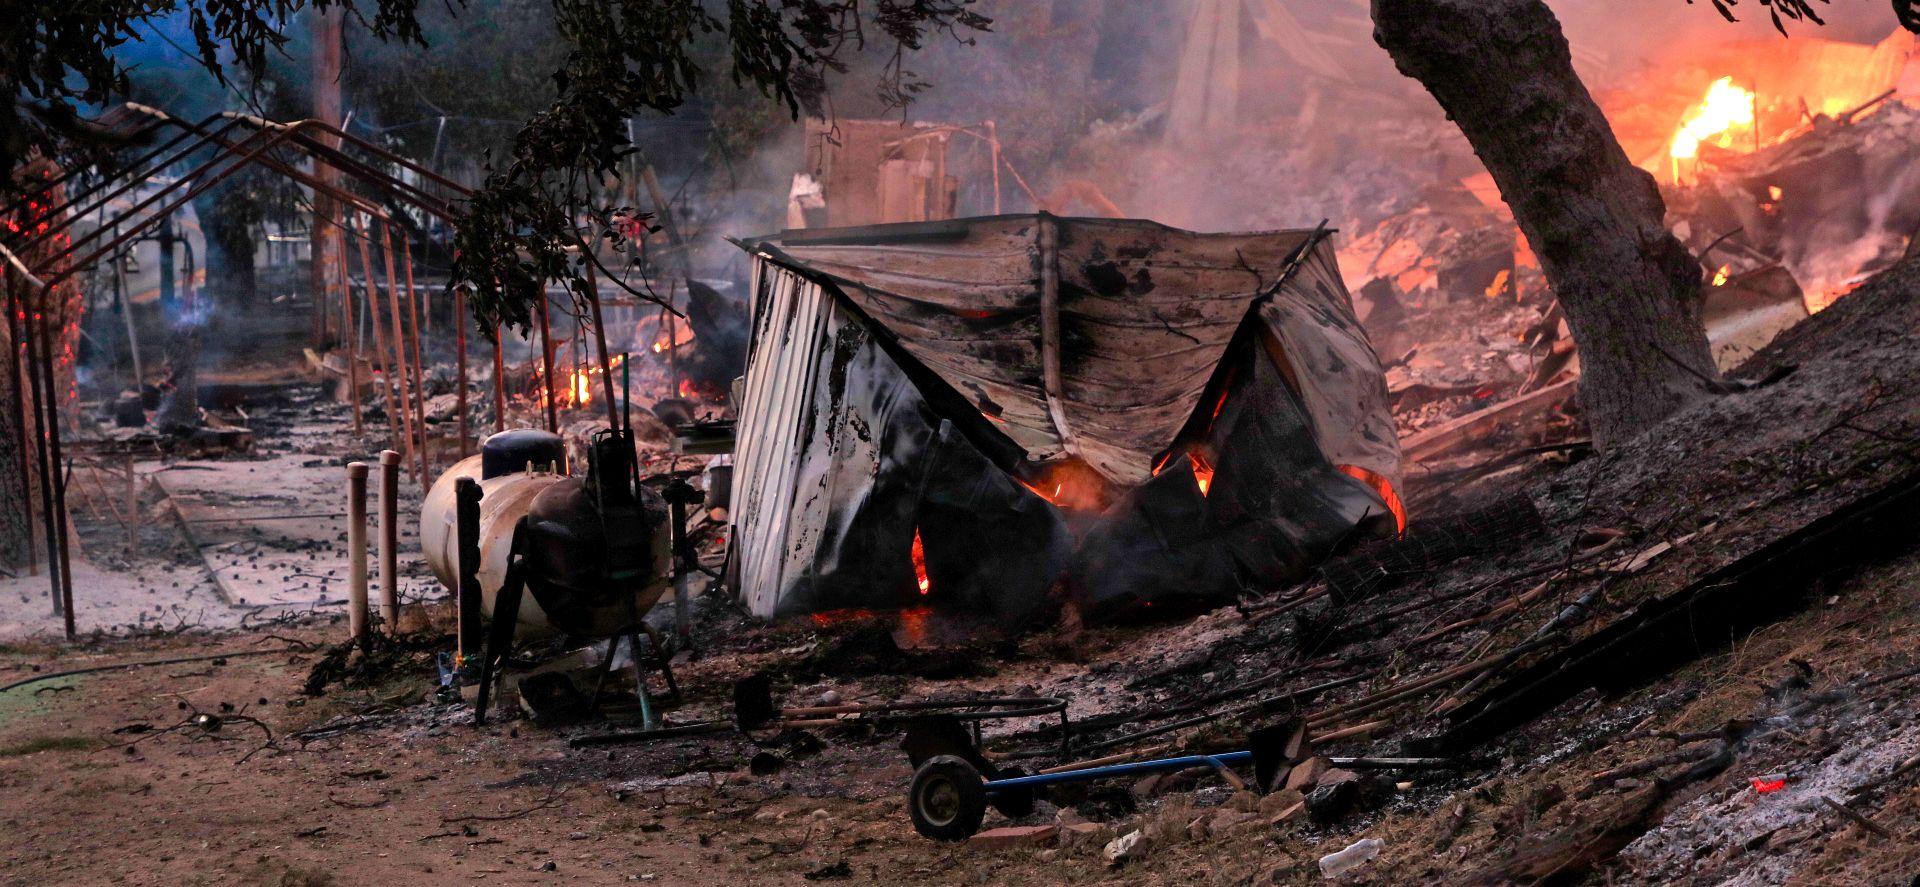 Šestoro nestalih u požaru u Kaliforniji, 14 pronađeno živo